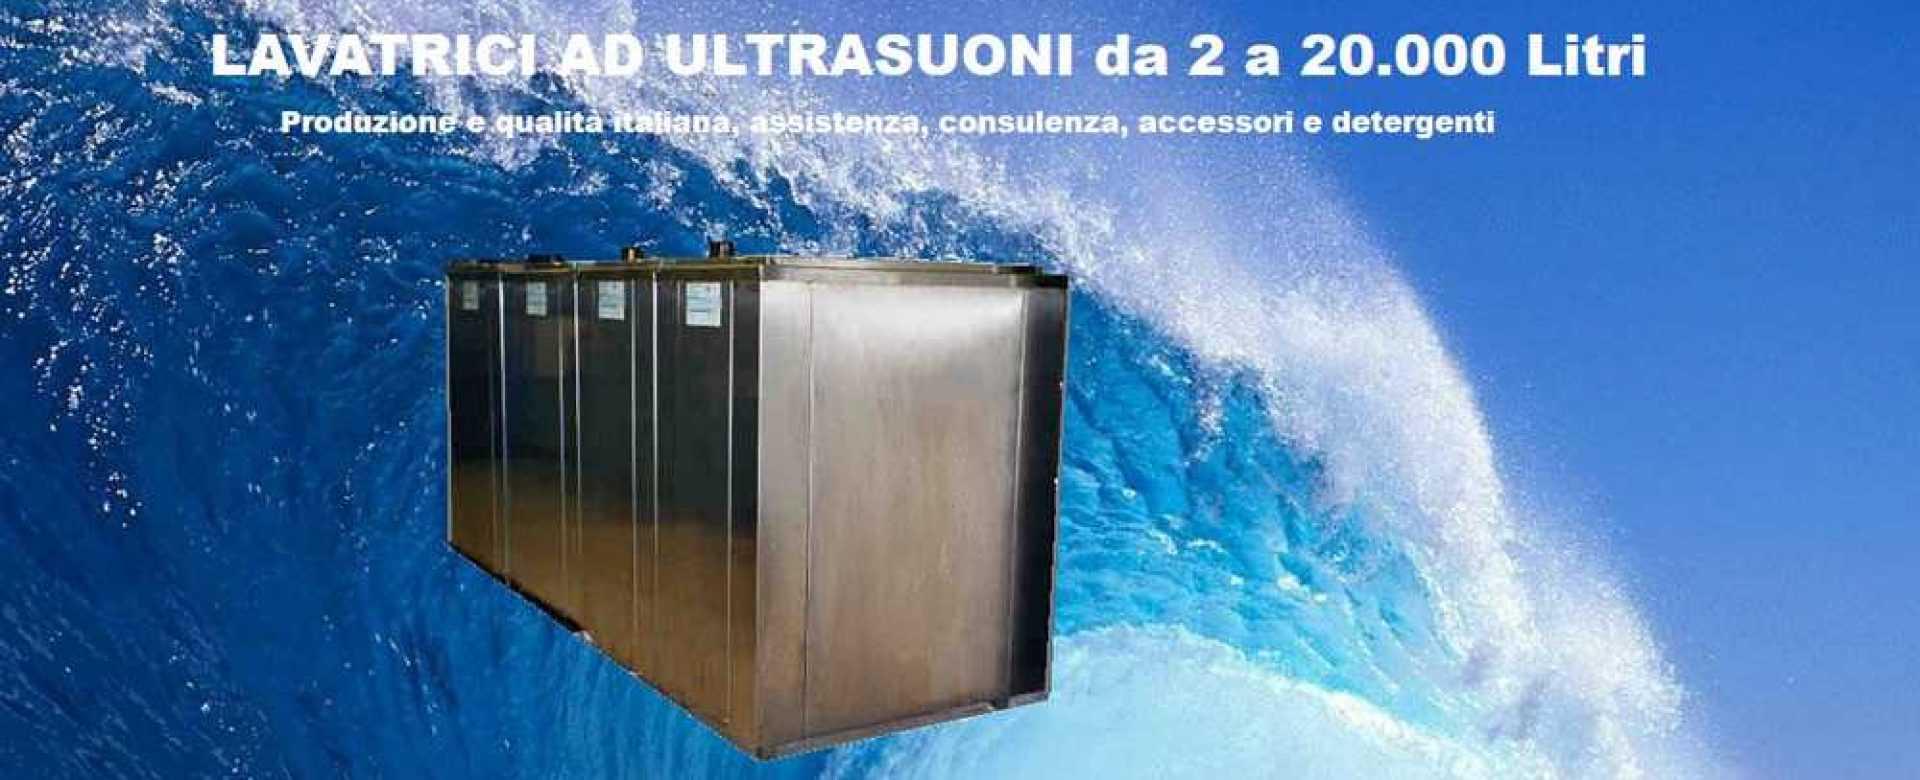 Lavatrici ultrasuoni ad alta tecnologia